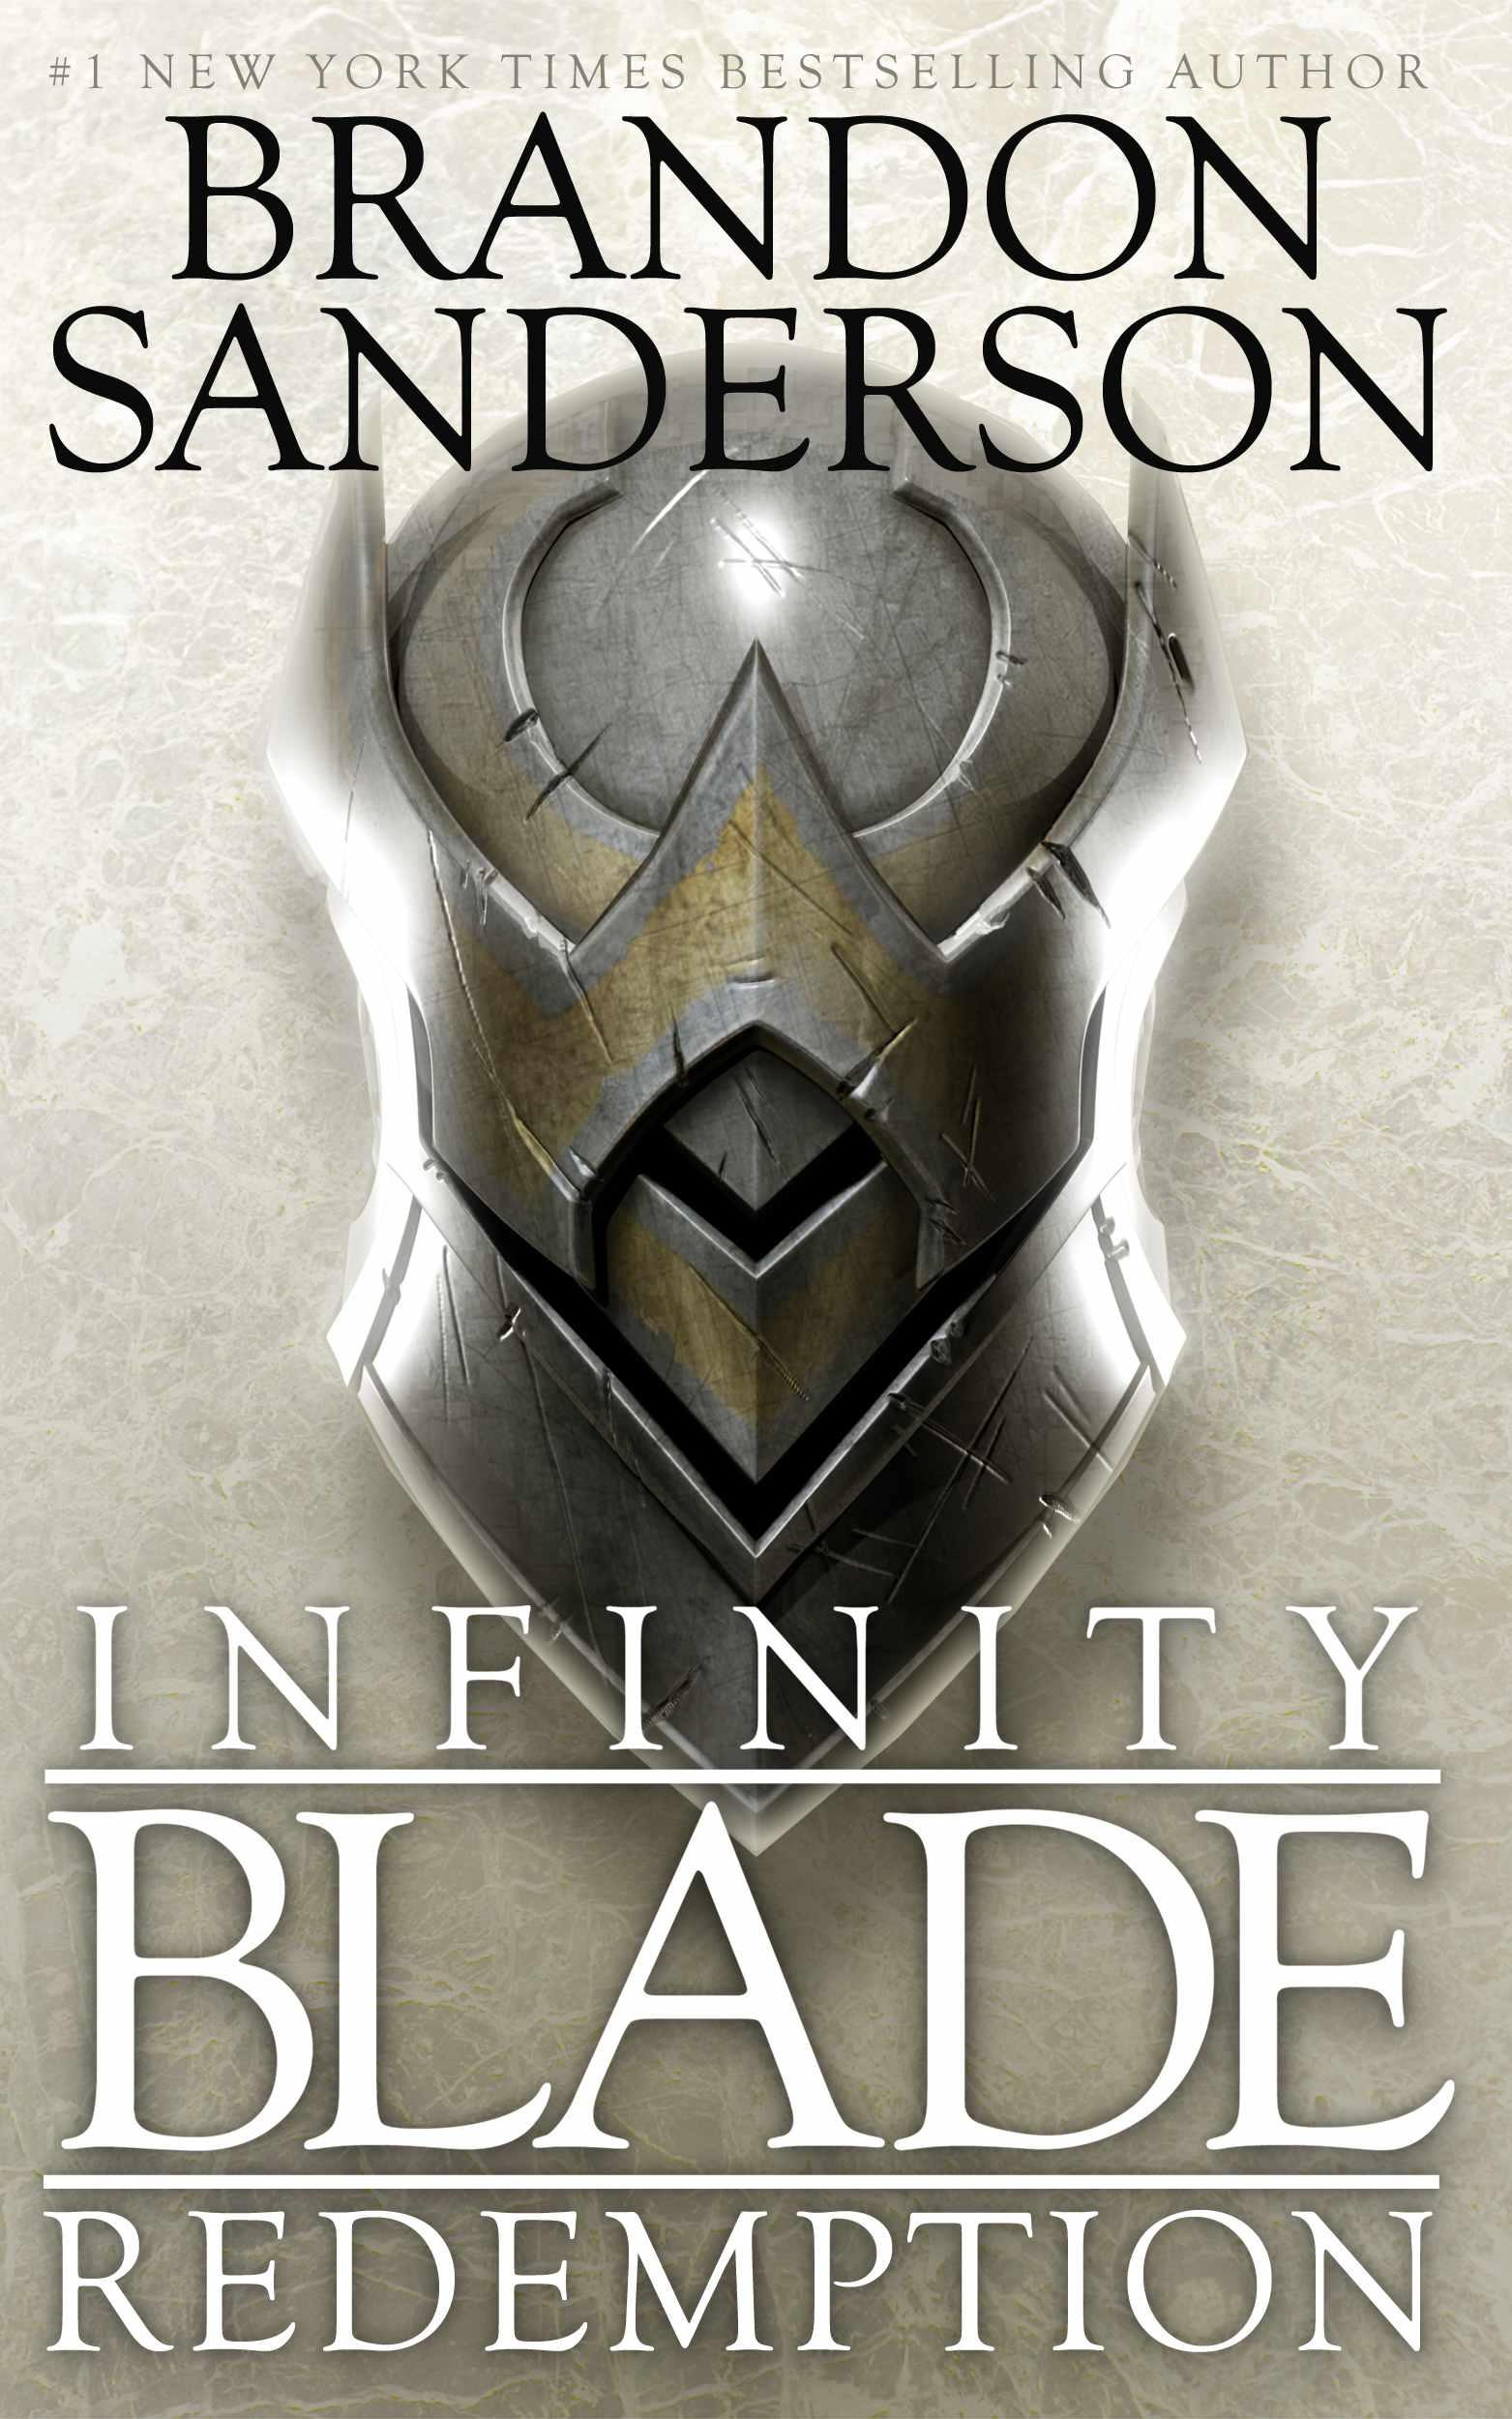 Infinity Blade: Redemption, ecco il secondo romanzo della famosa saga